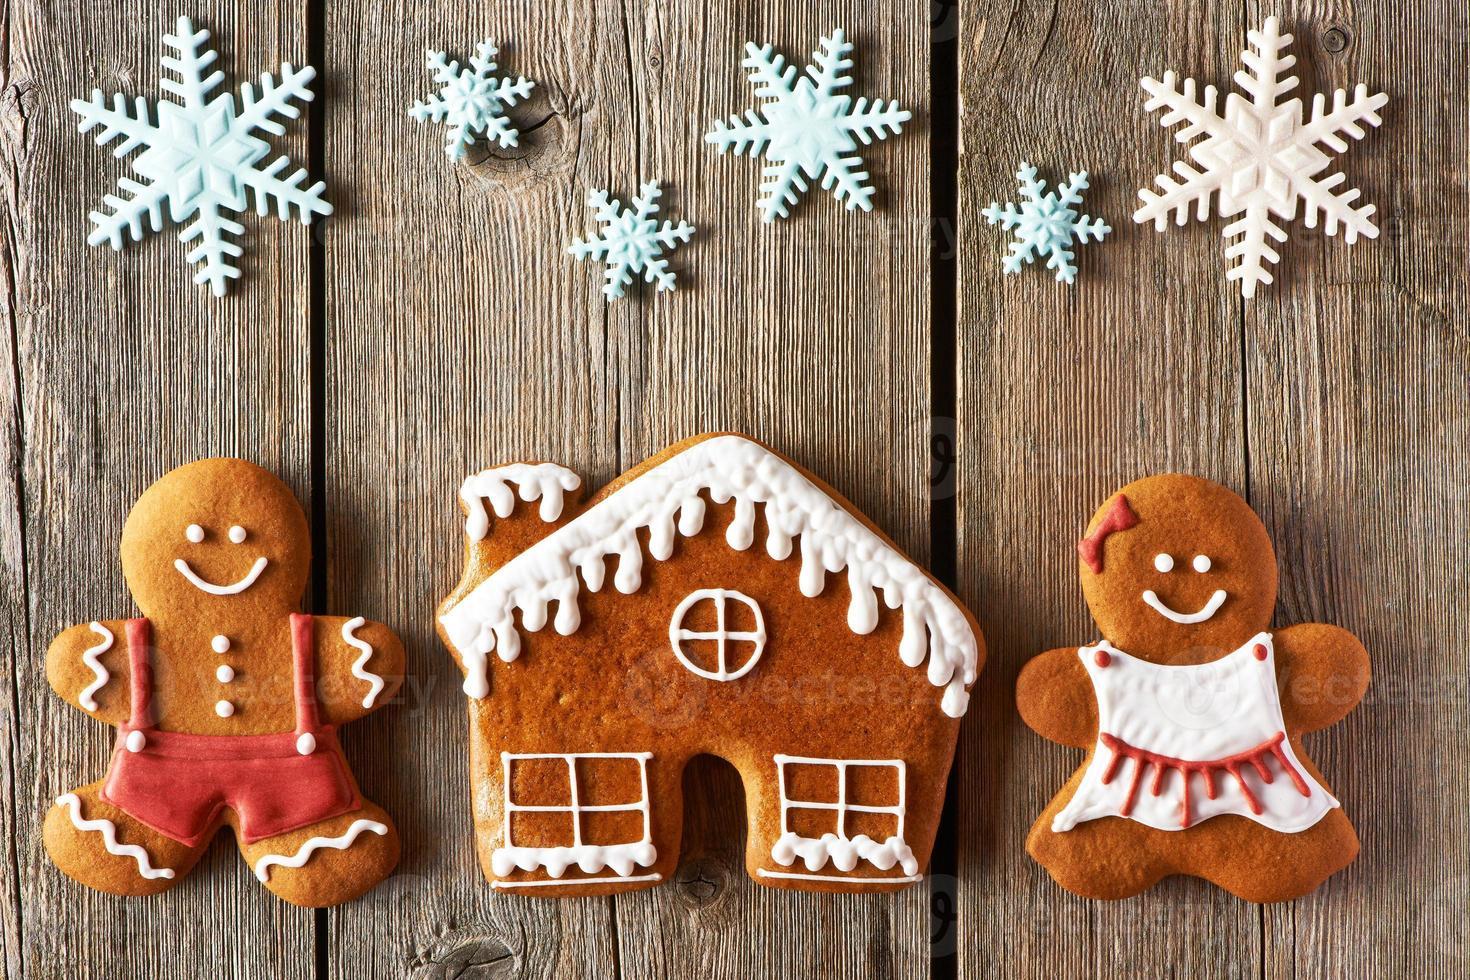 Weihnachts-Lebkuchenpaar und Hauskekse foto